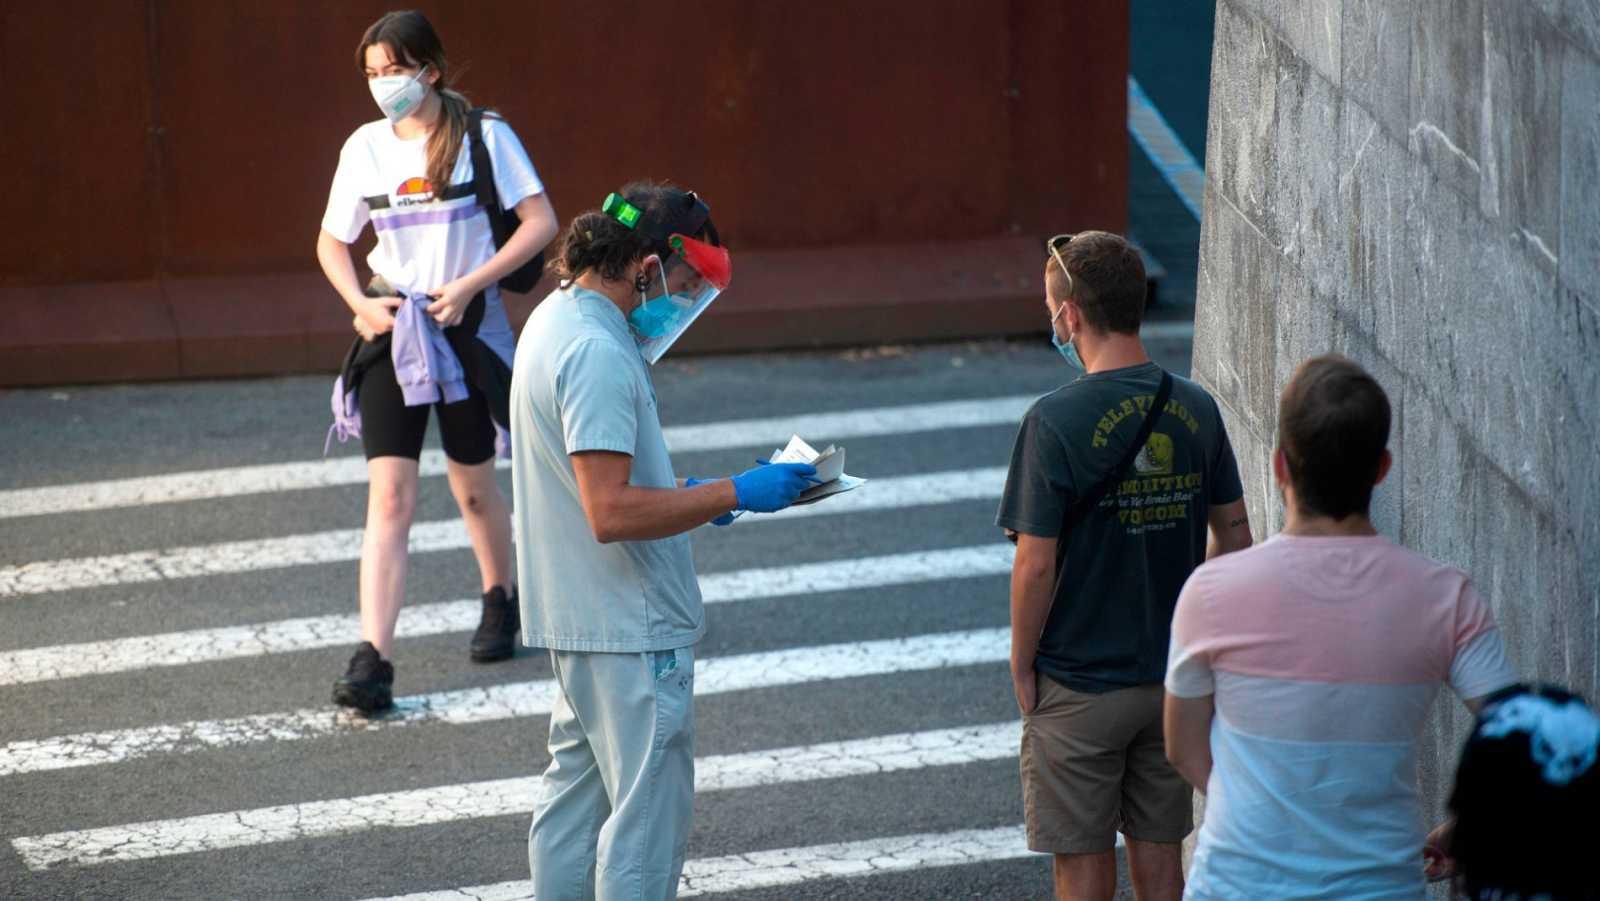 Varias personas esperan para hacerse la prueba del COVID-19 en Gernika en el País Vasco